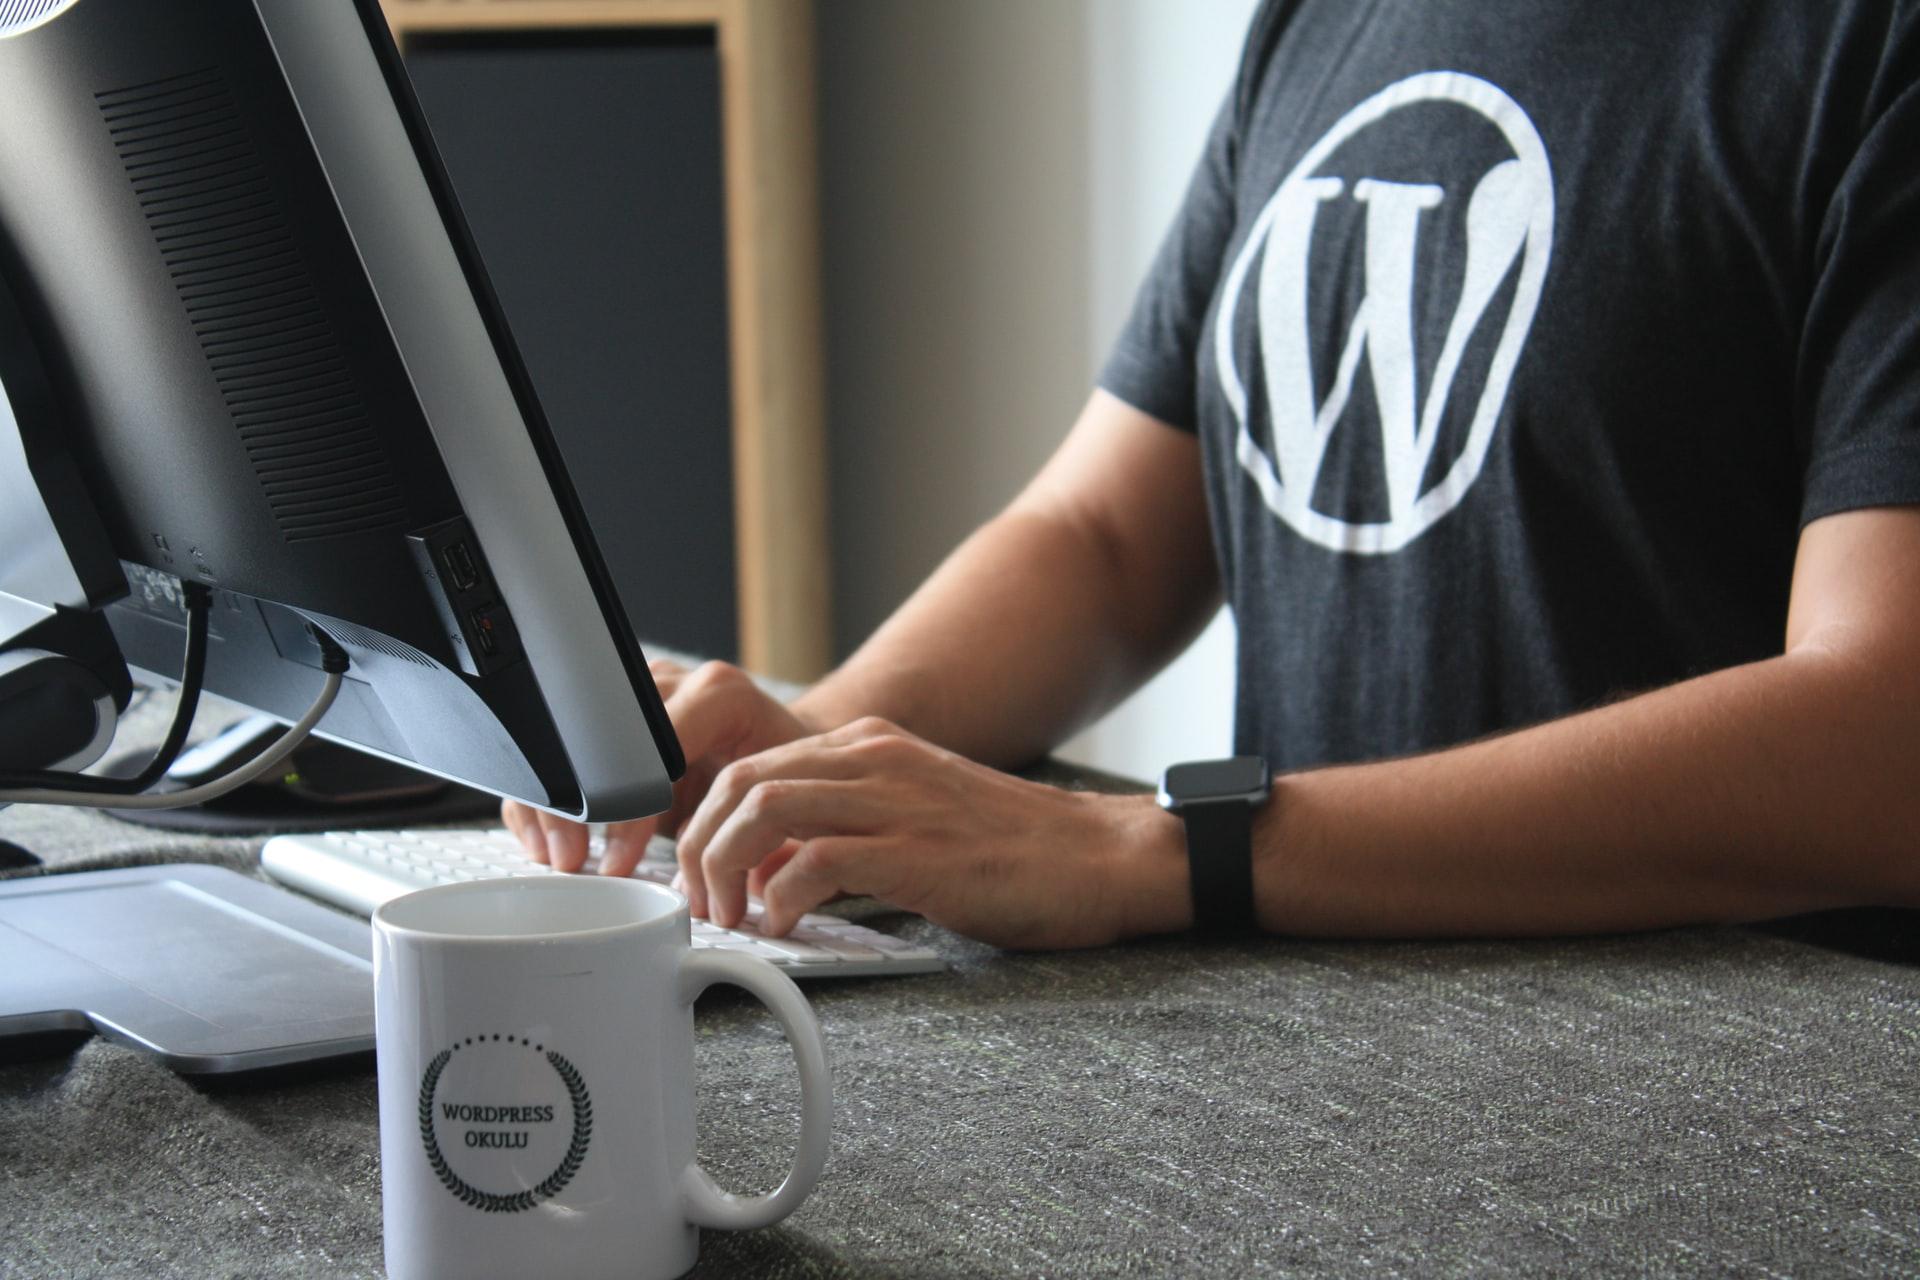 guy wearing wordpress logo